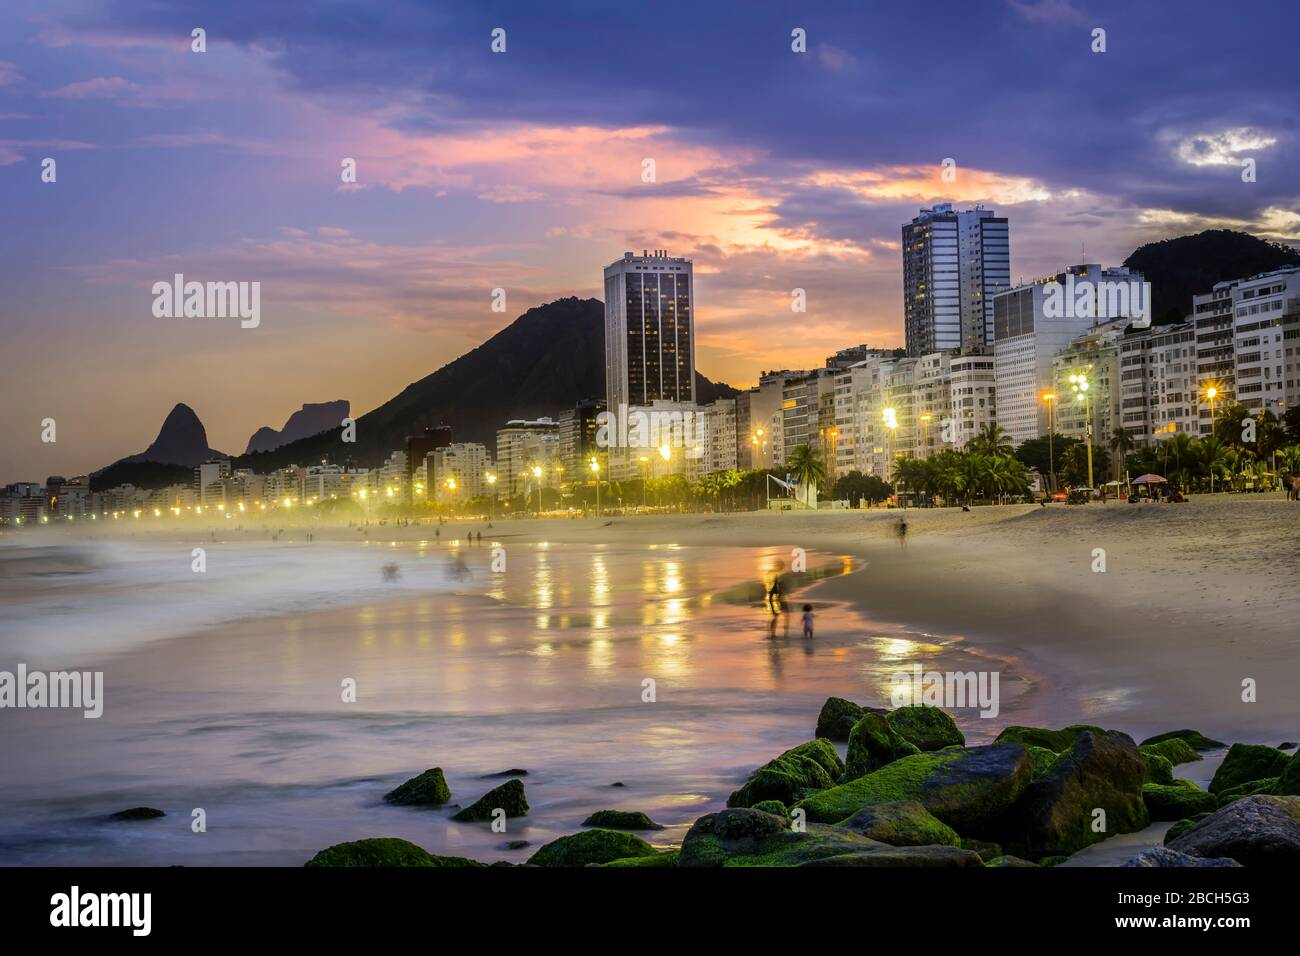 Copacabana spiaggia tramonto paesaggio, Praia Copacabana al tramonto viaggio Rio de Janeiro Brasile, scenico drammatico foto leggera viaggio Brasil ipanema Foto Stock